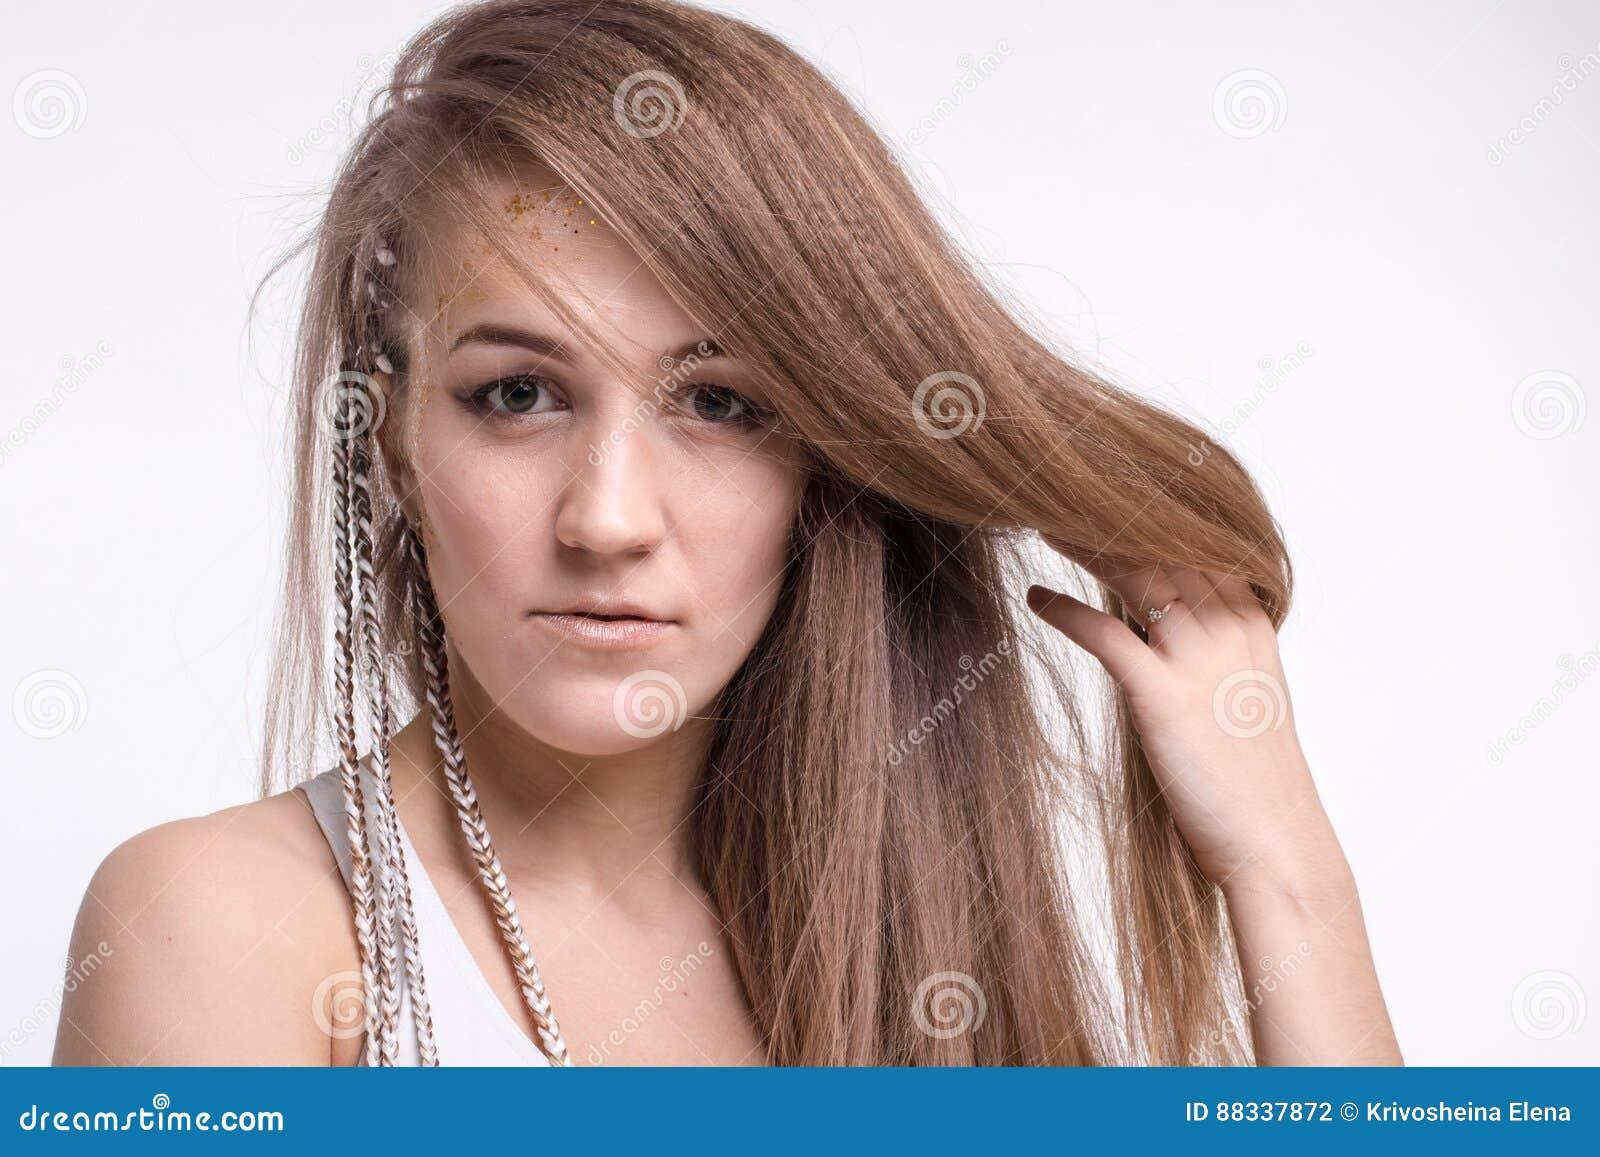 Capelli lunghi in una ragazza